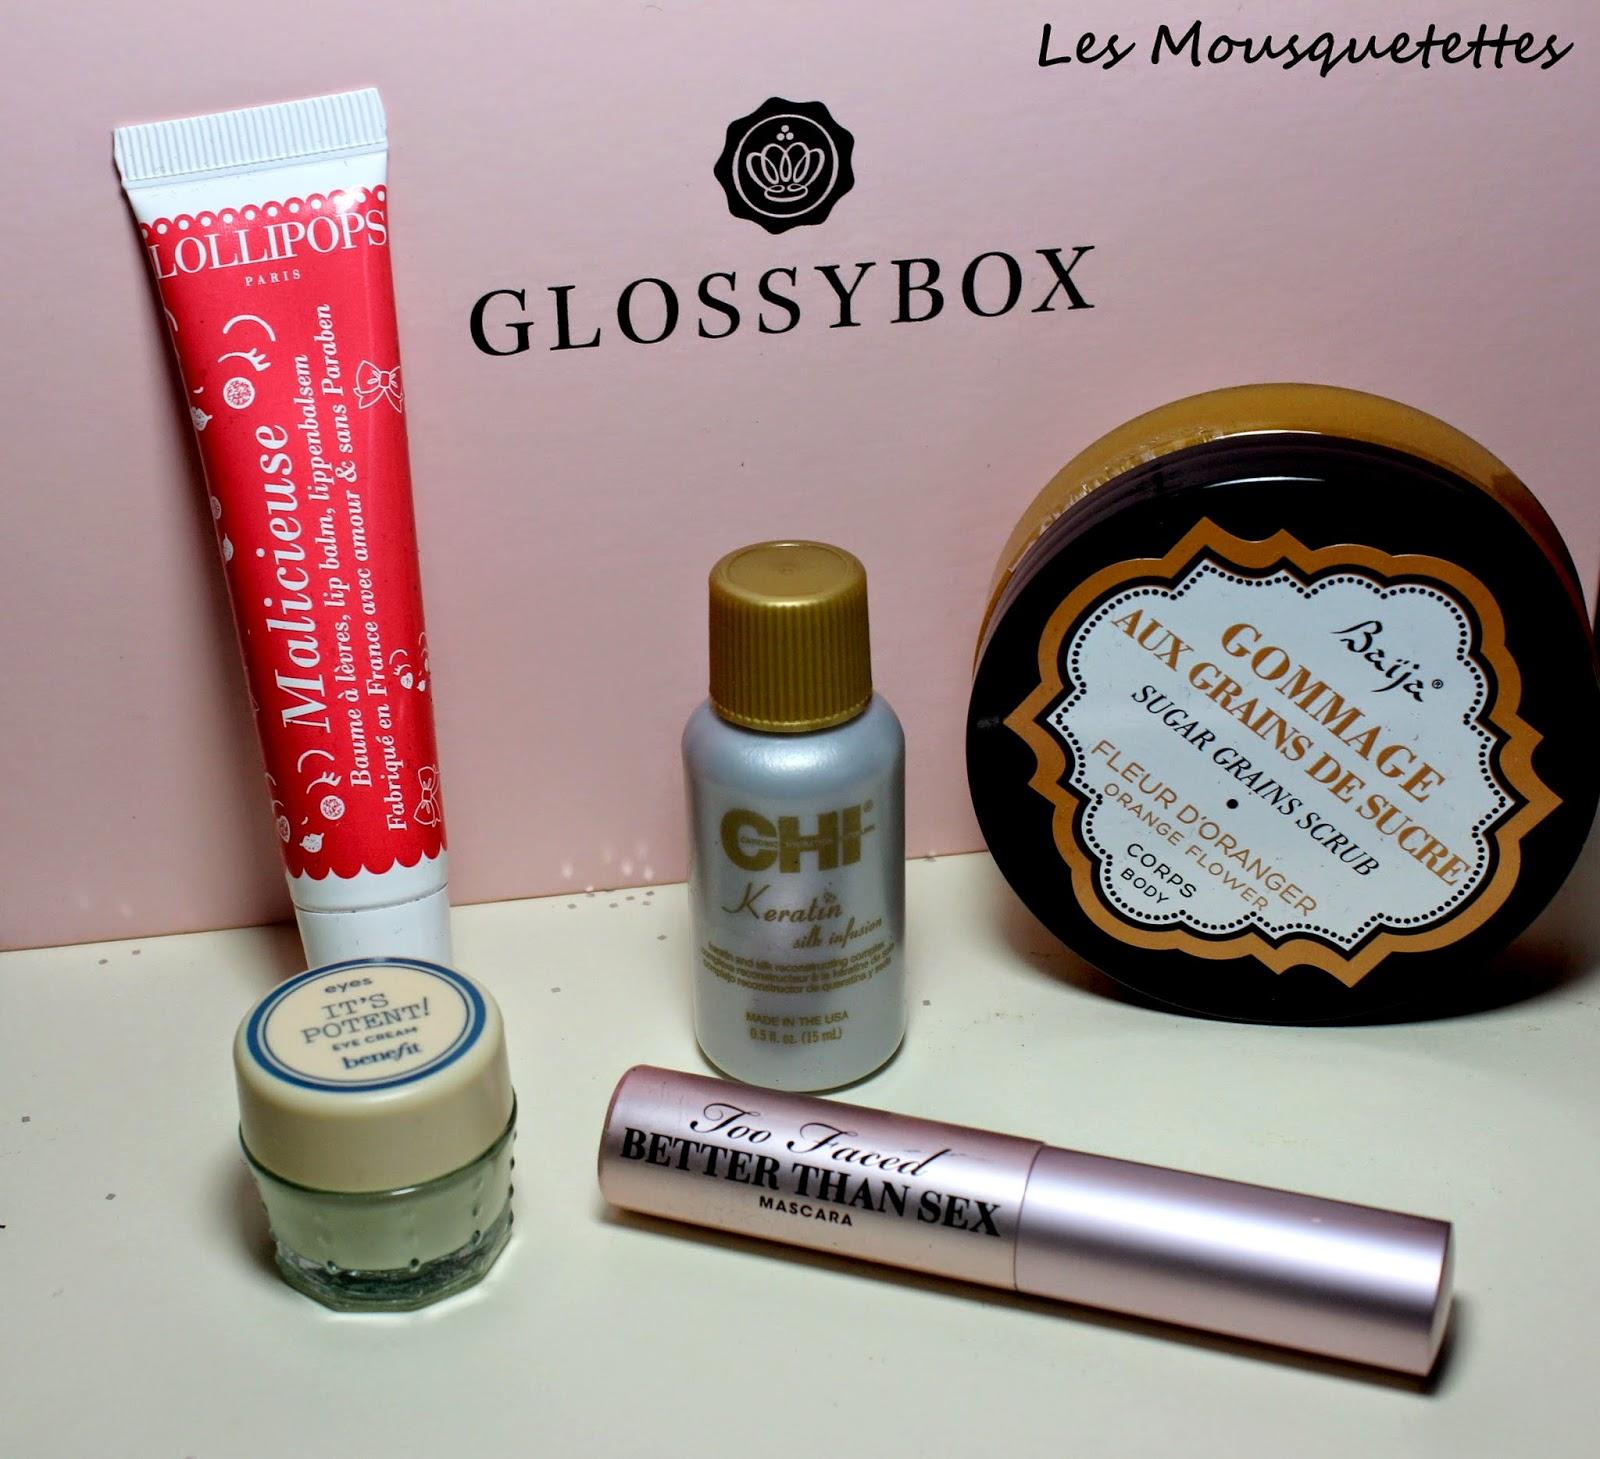 Glossybox Janvier 2015 - Les Mousquetettes©